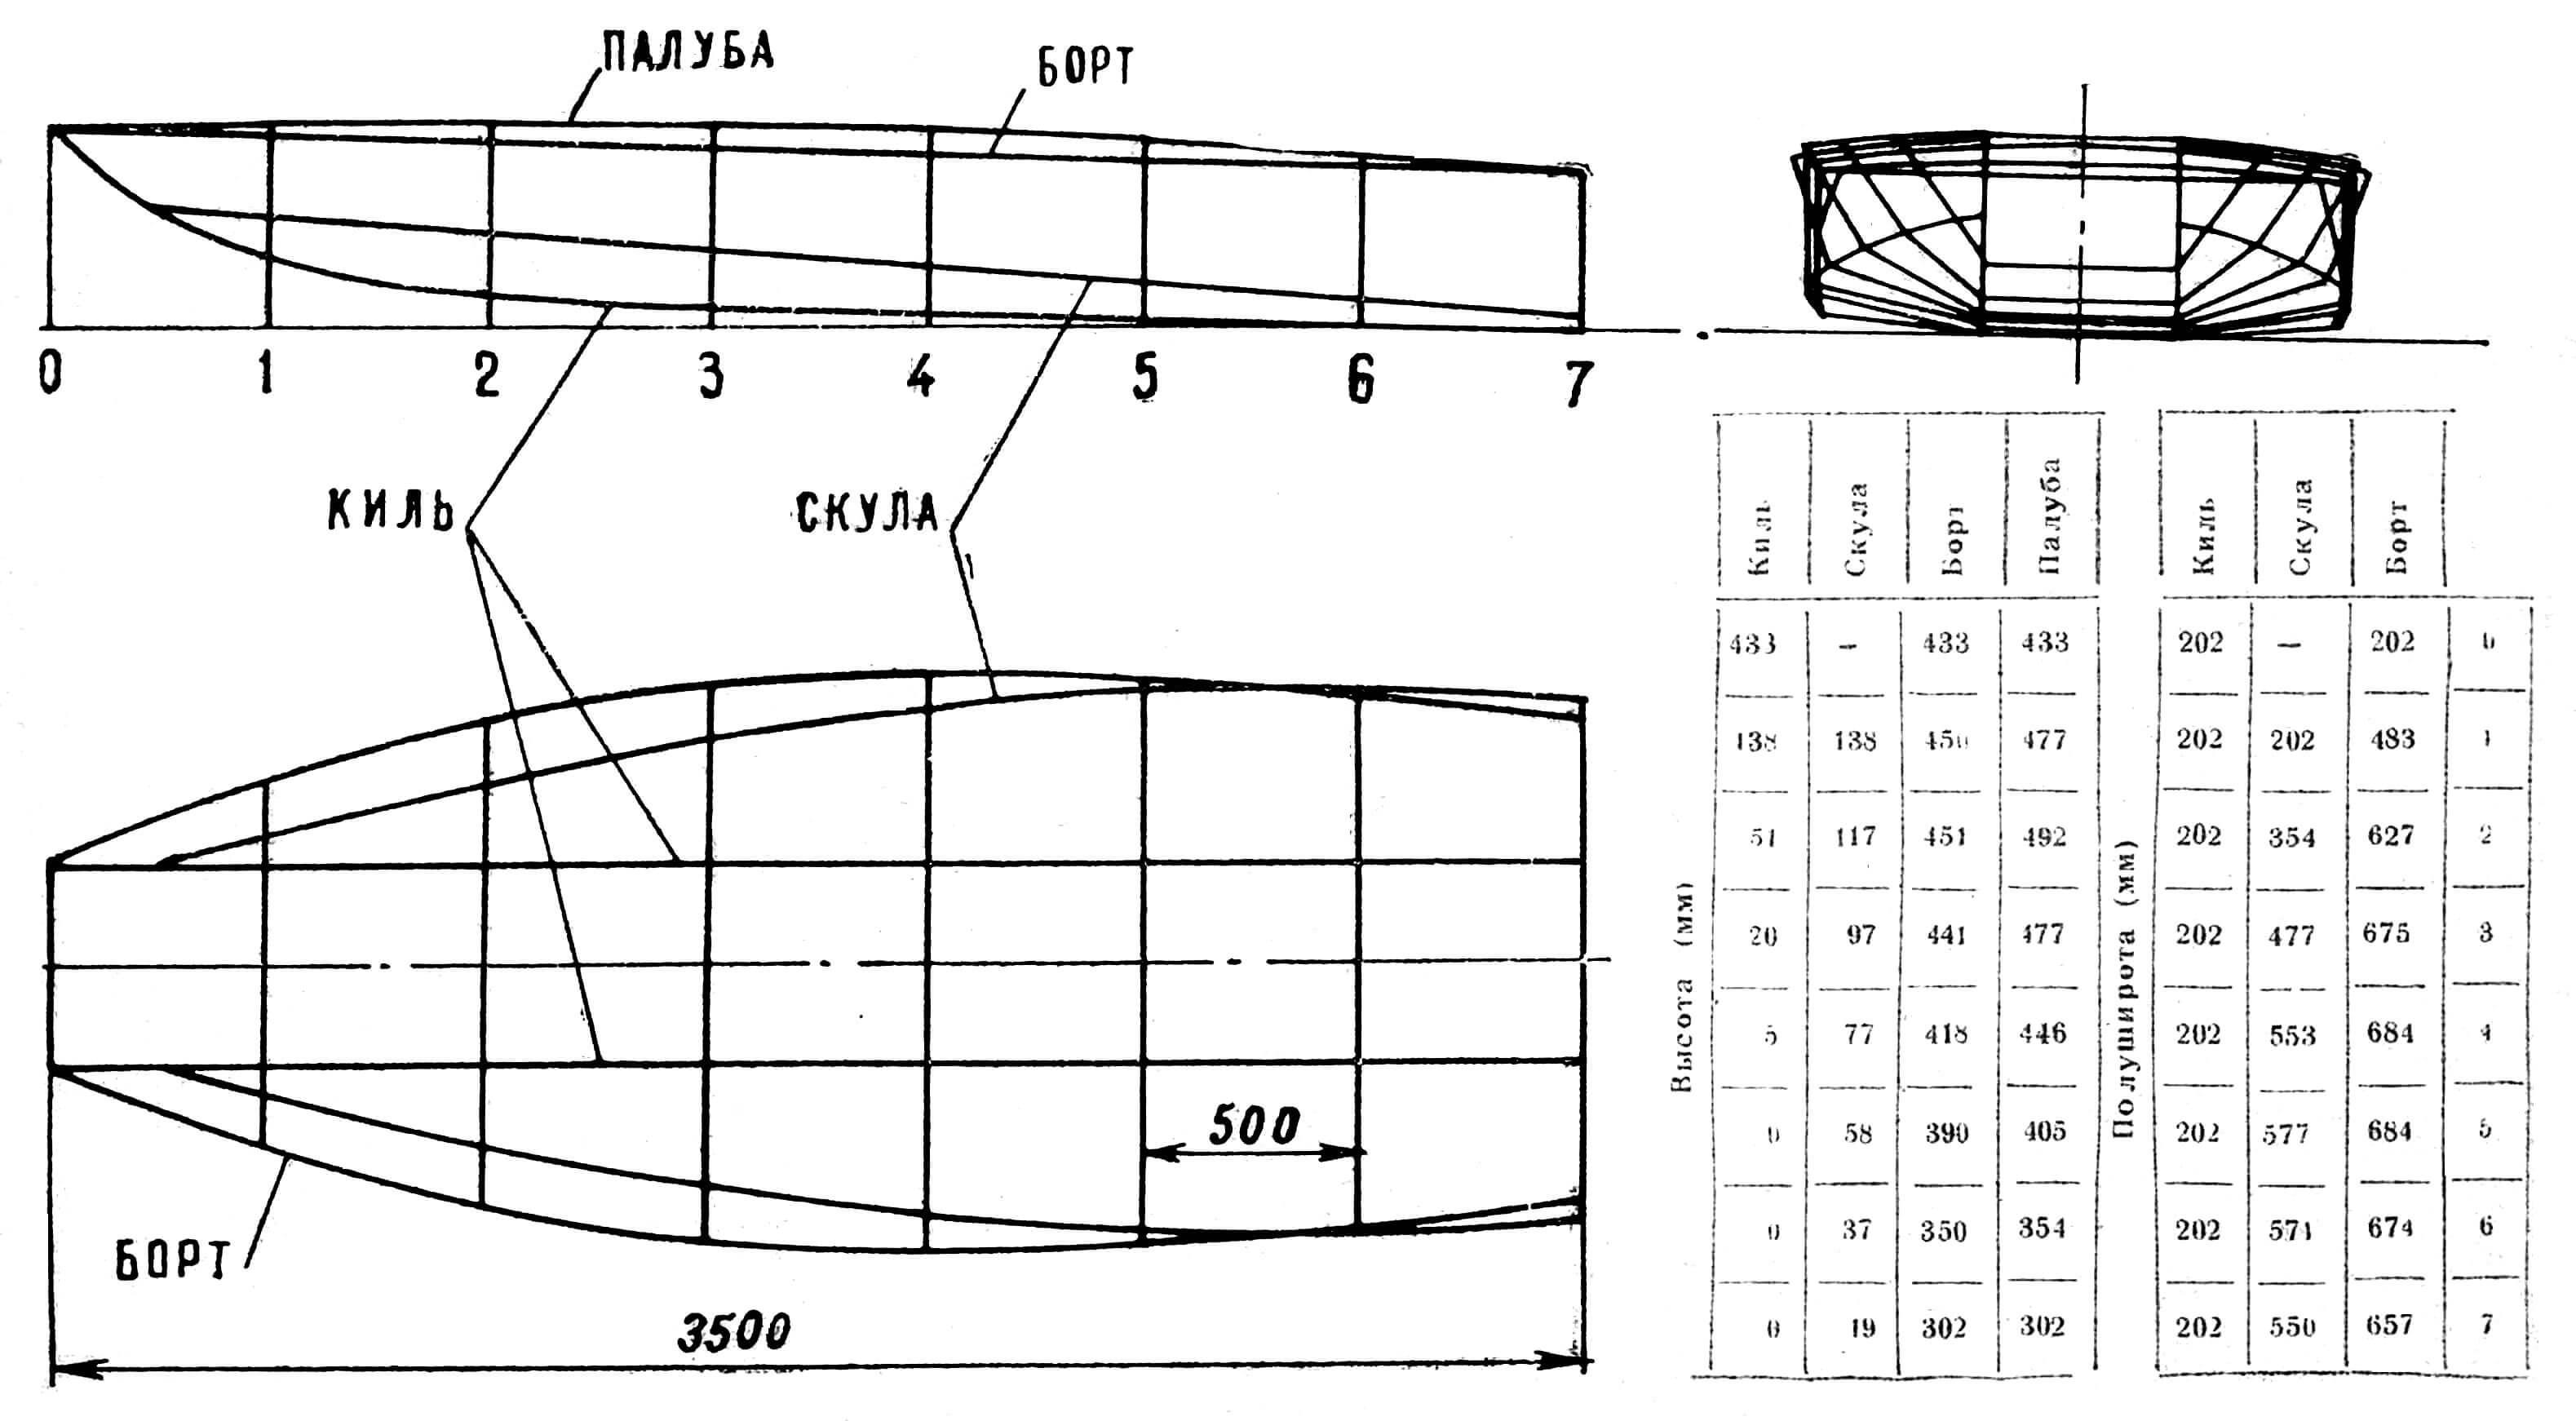 Рис. 1. Корпус амфибии «НЭТИ-2»: теоретический чертеж и таблица плазовых ординат.